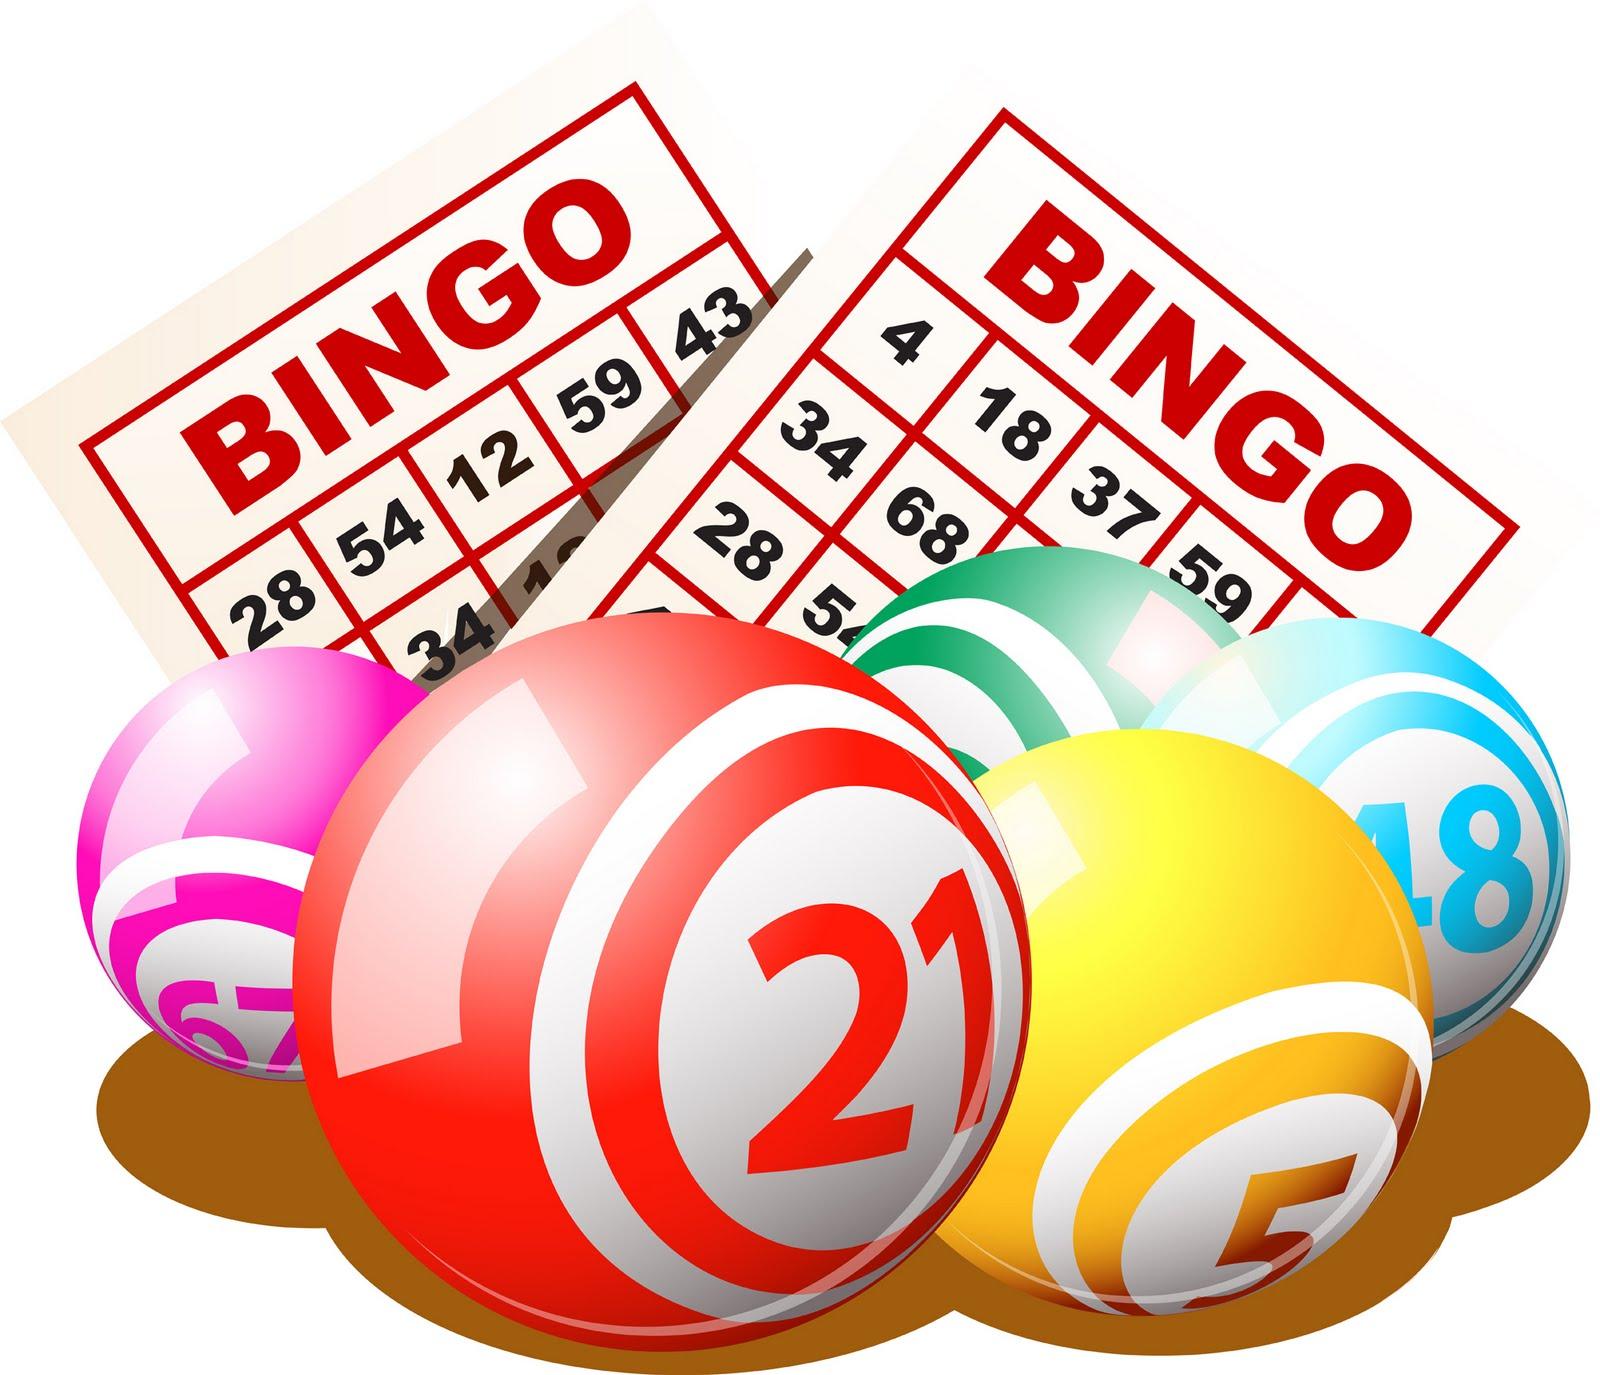 Bingo winners pictures #1